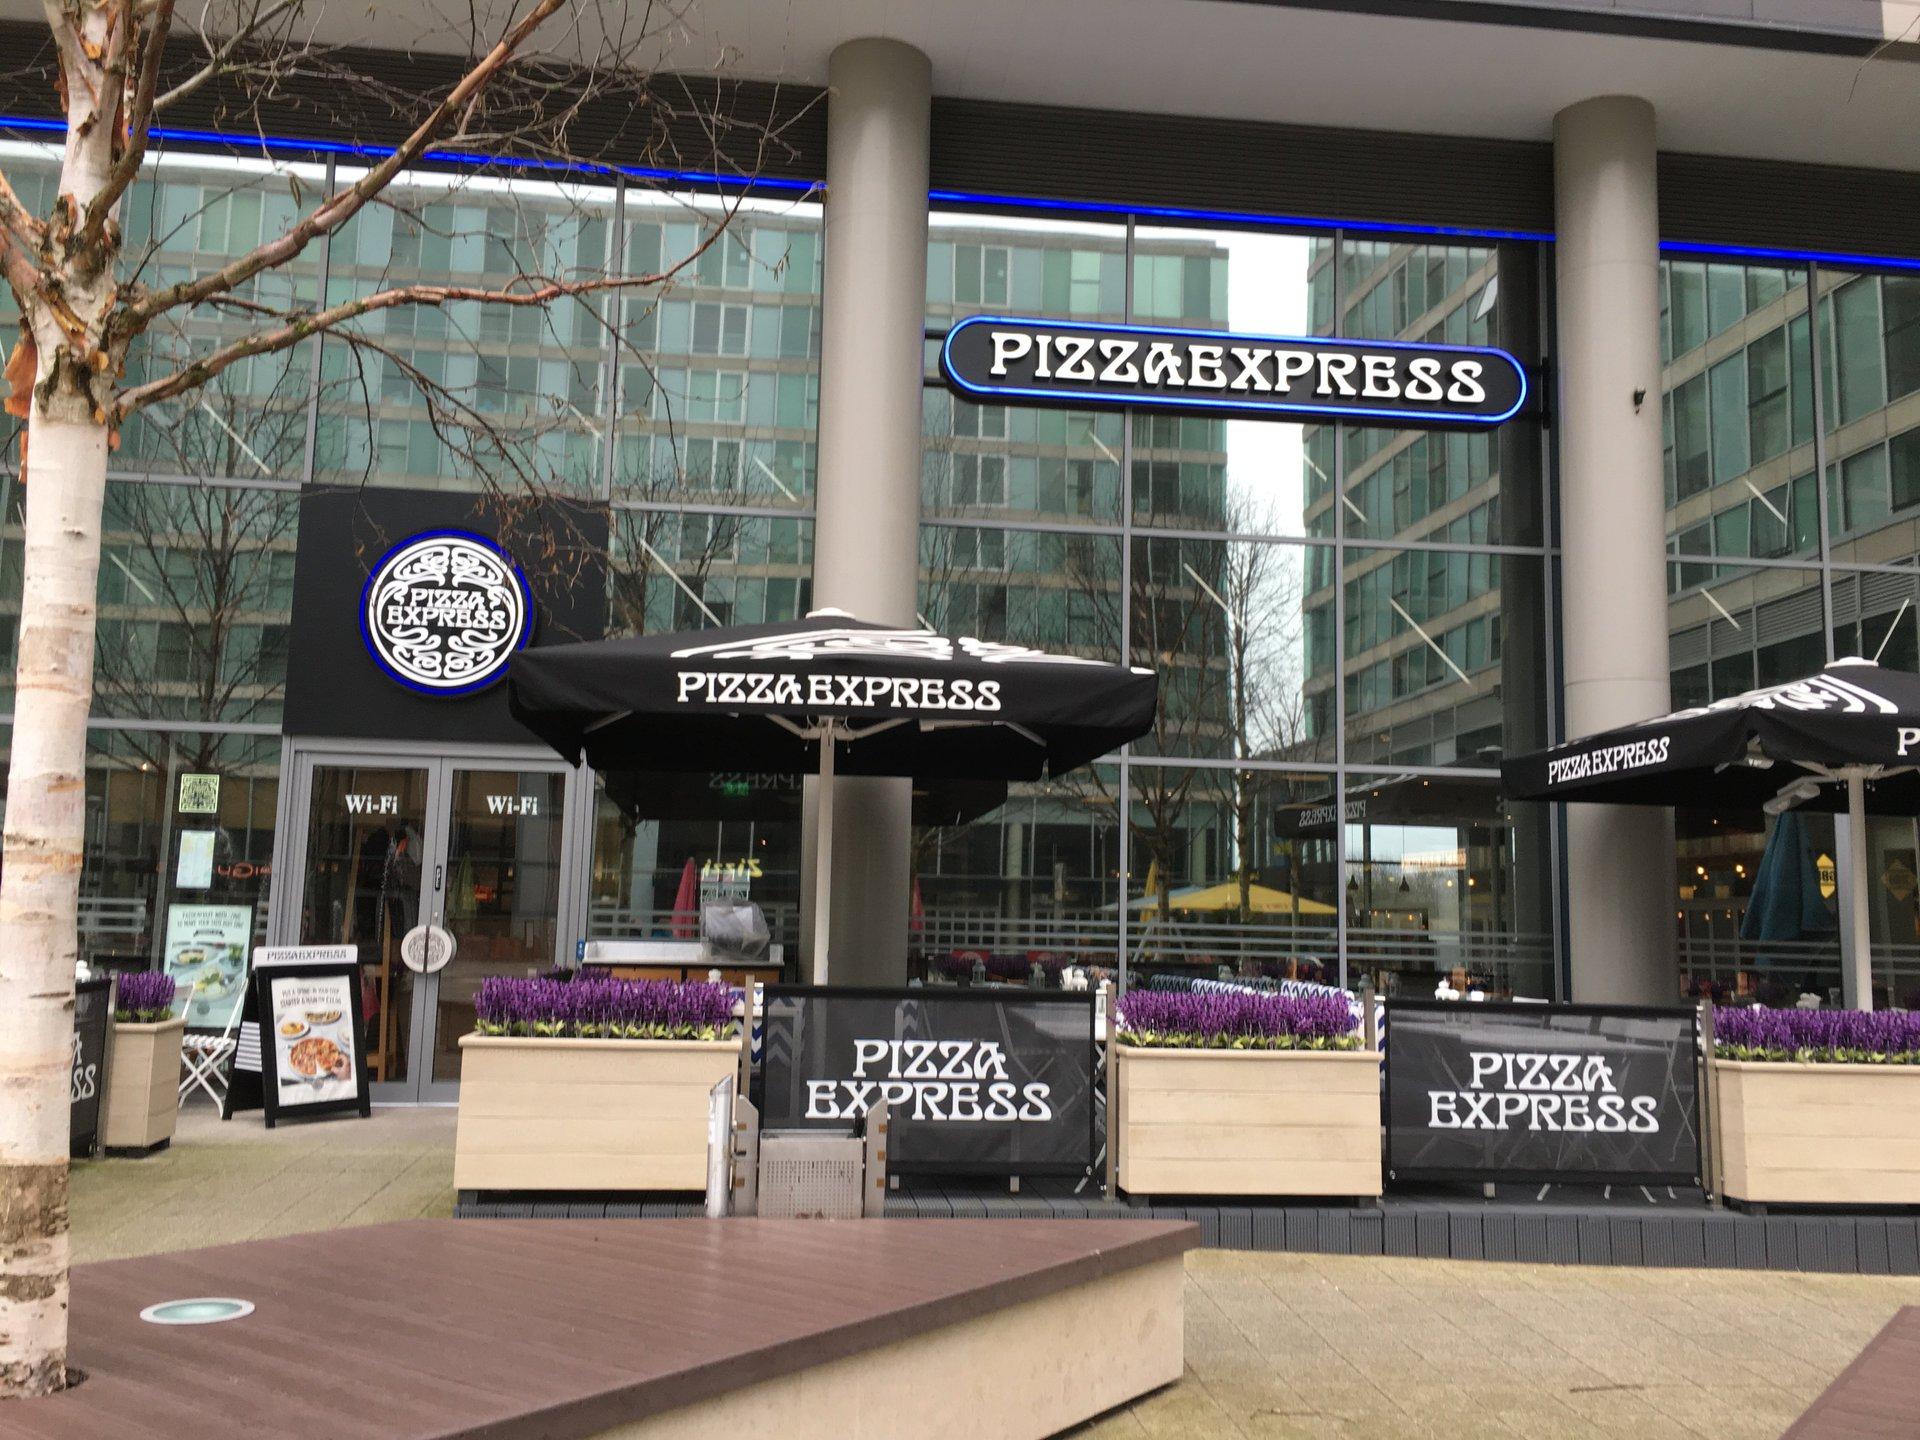 Pizzaexpress Rsa